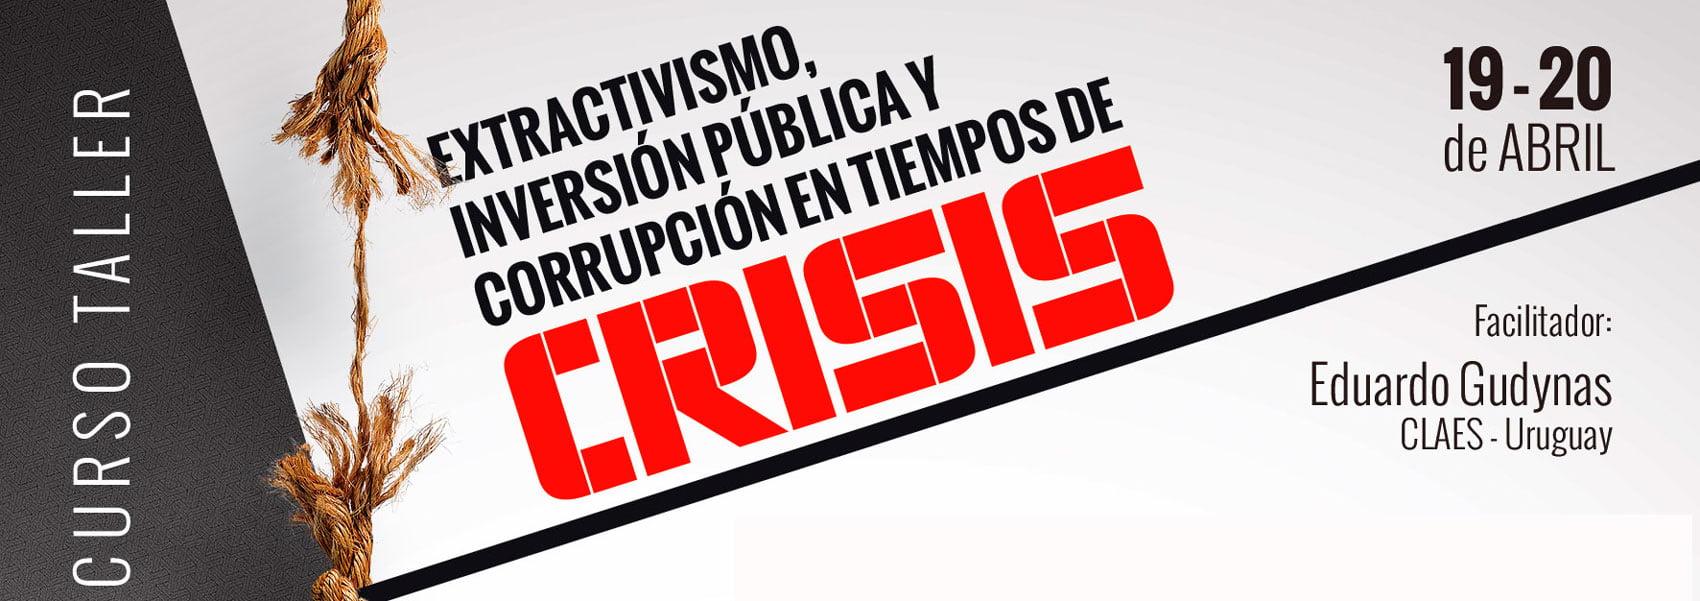 Curso-Taller: Extractivismos, crisis, inversión pública y corrupción